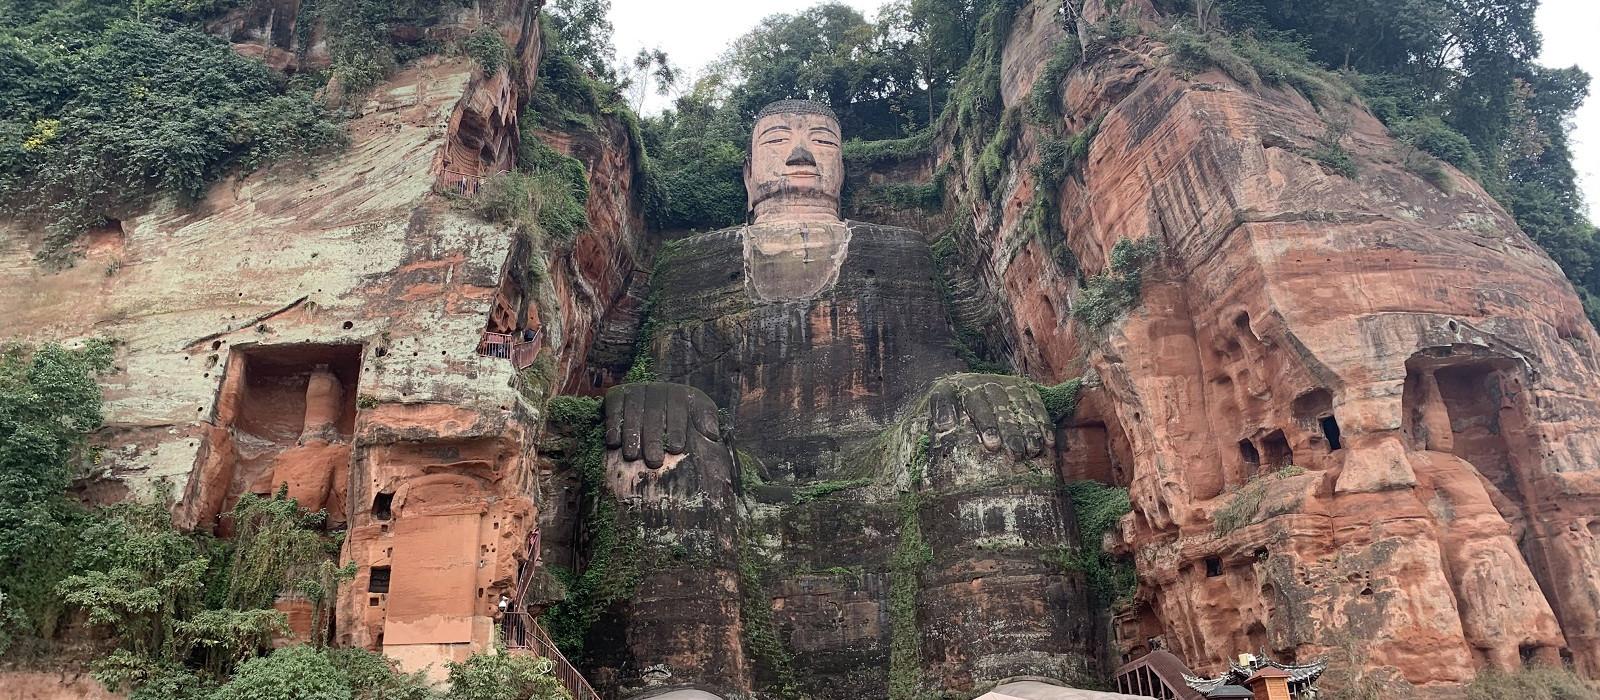 Reiseziel Leshan China